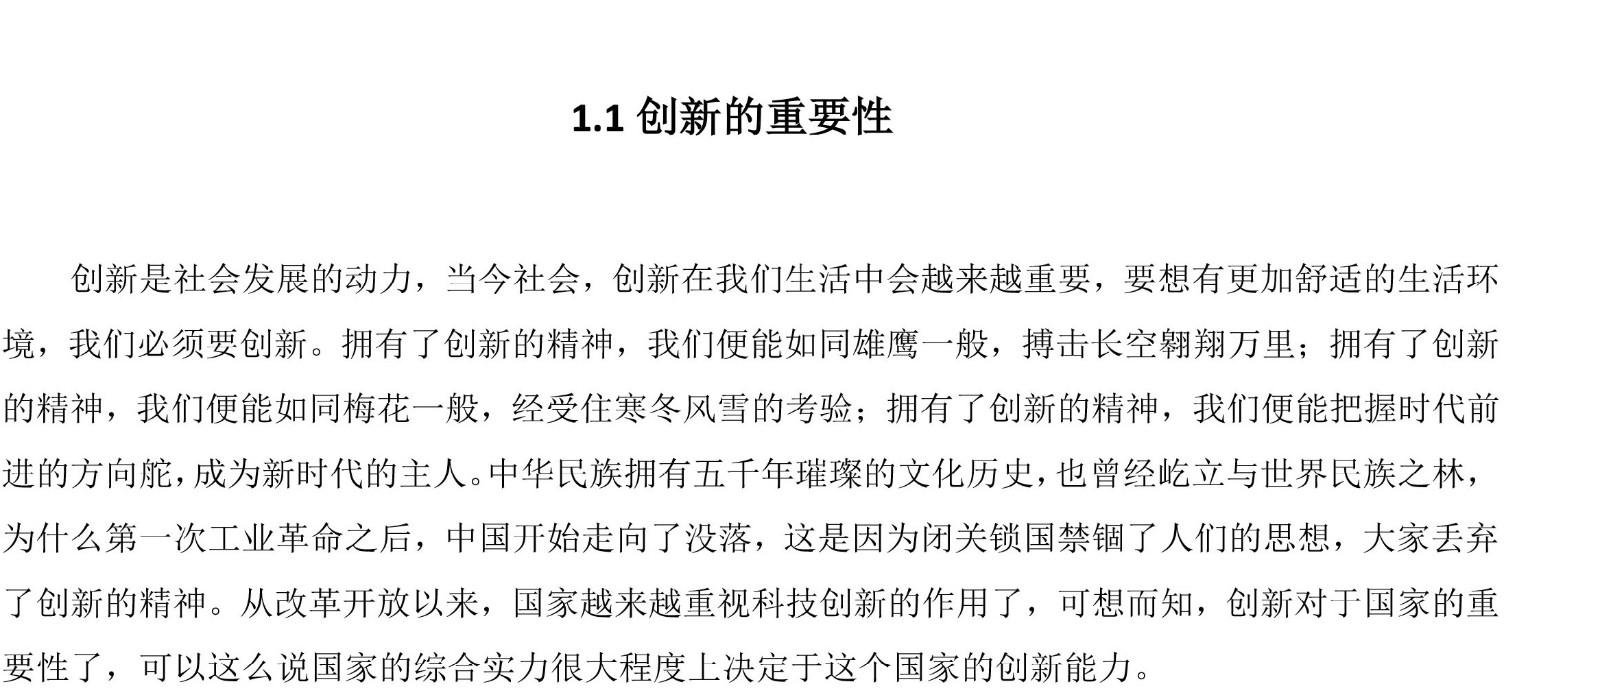 绪论  第一章-1 - 副本 (2).jpg